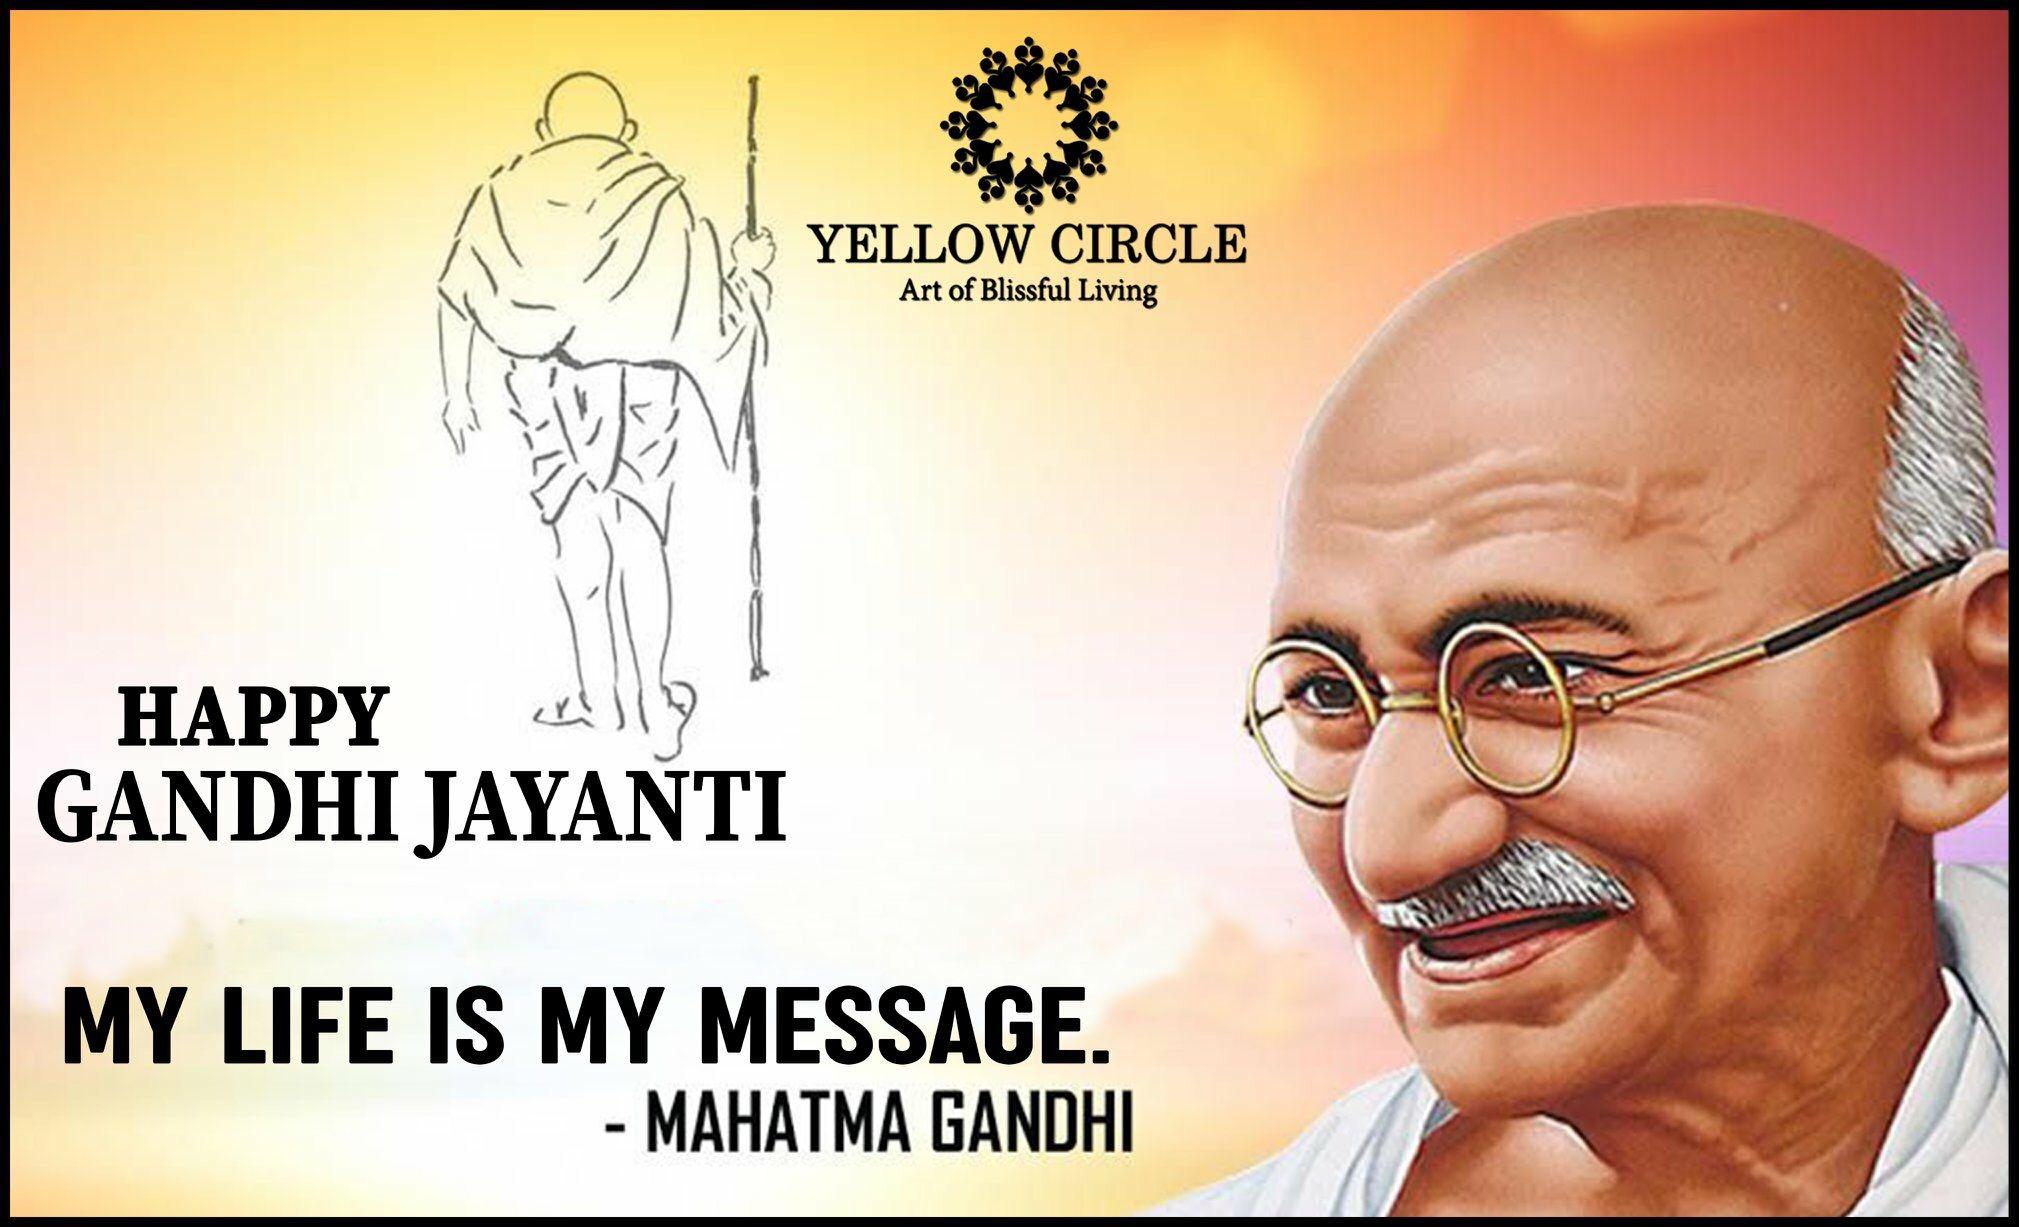 SAARC Diary: Gandhi Jayanti Celebrated in SAARC Countries